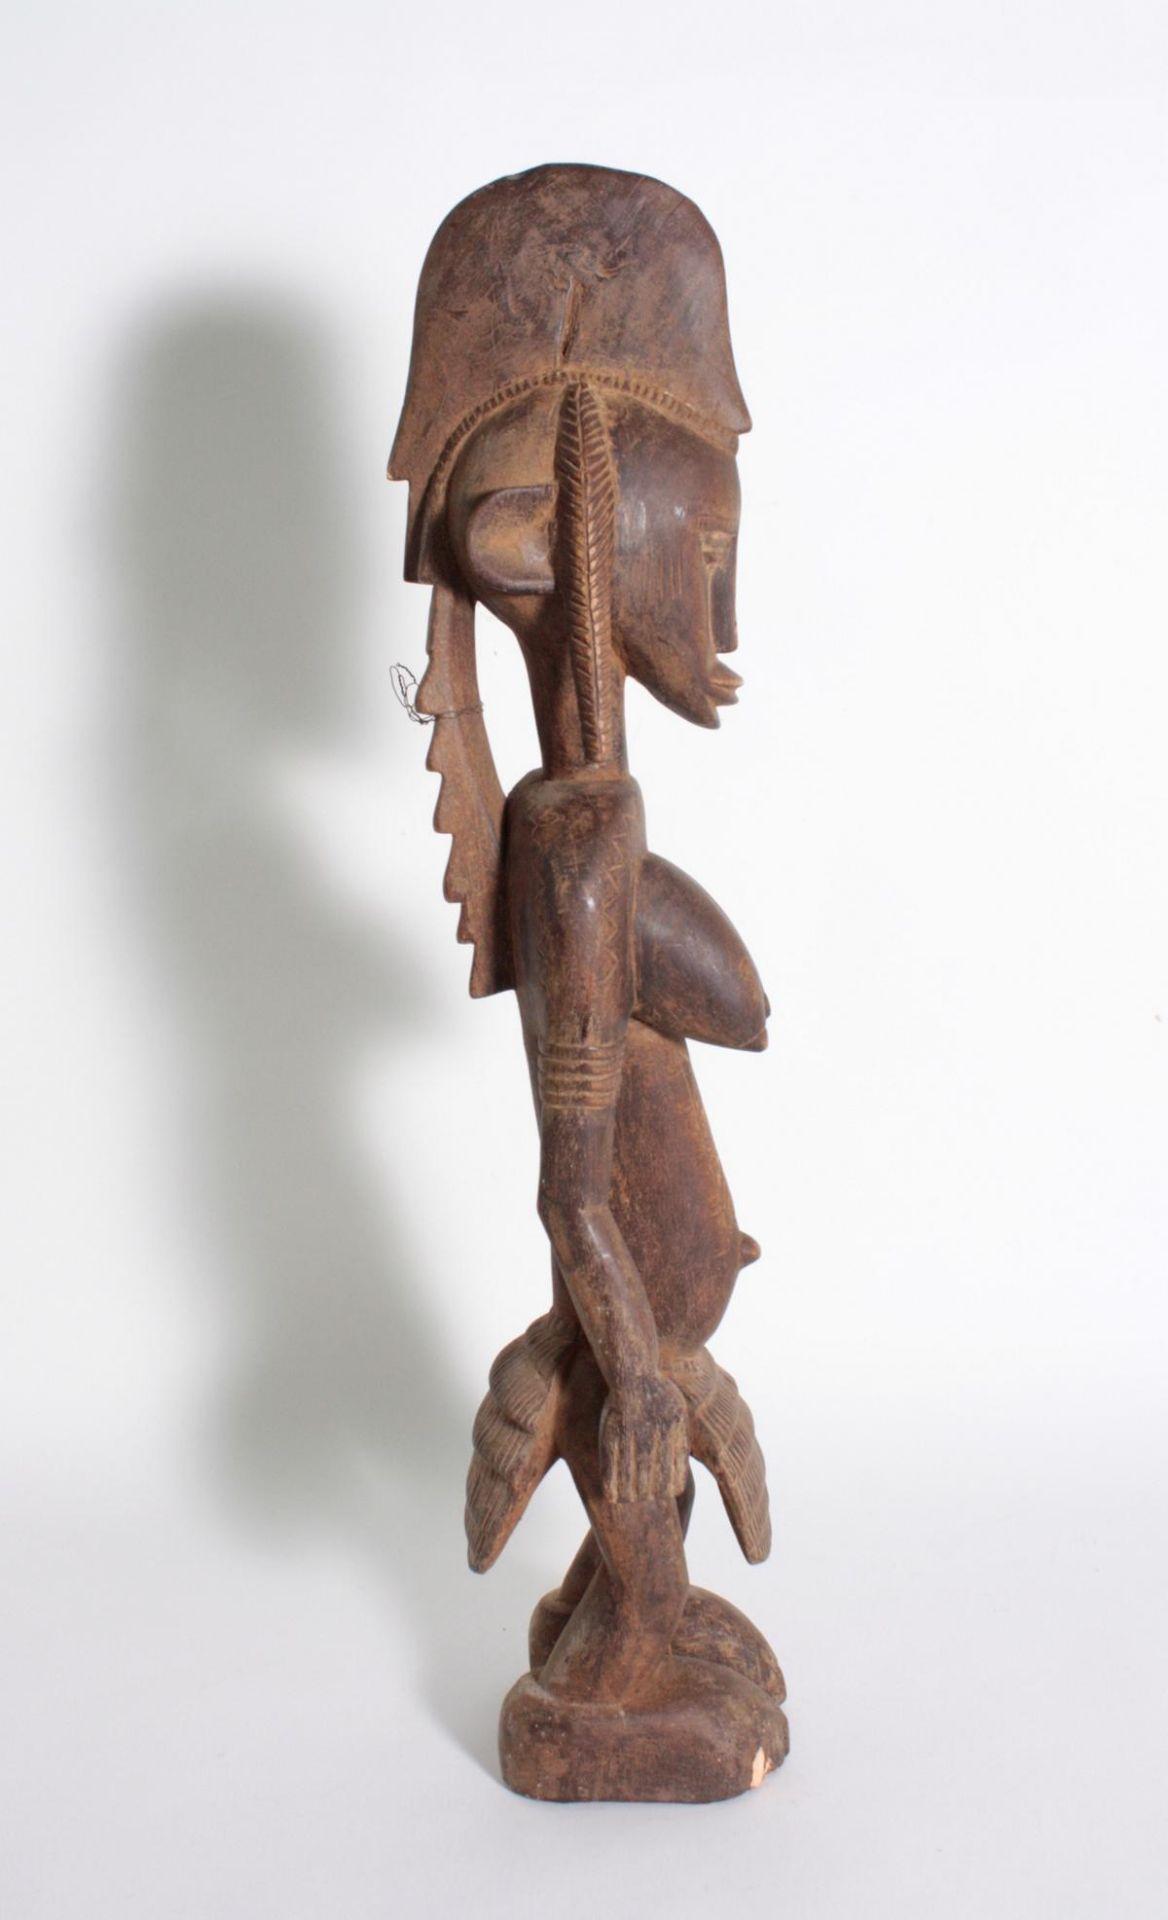 Stehende Frauenfigur, Senufo/Elfenbeinküste, 1. Hälfte 20. Jh.Bräunliches Holz. Stehende Frauenfigur - Bild 3 aus 6